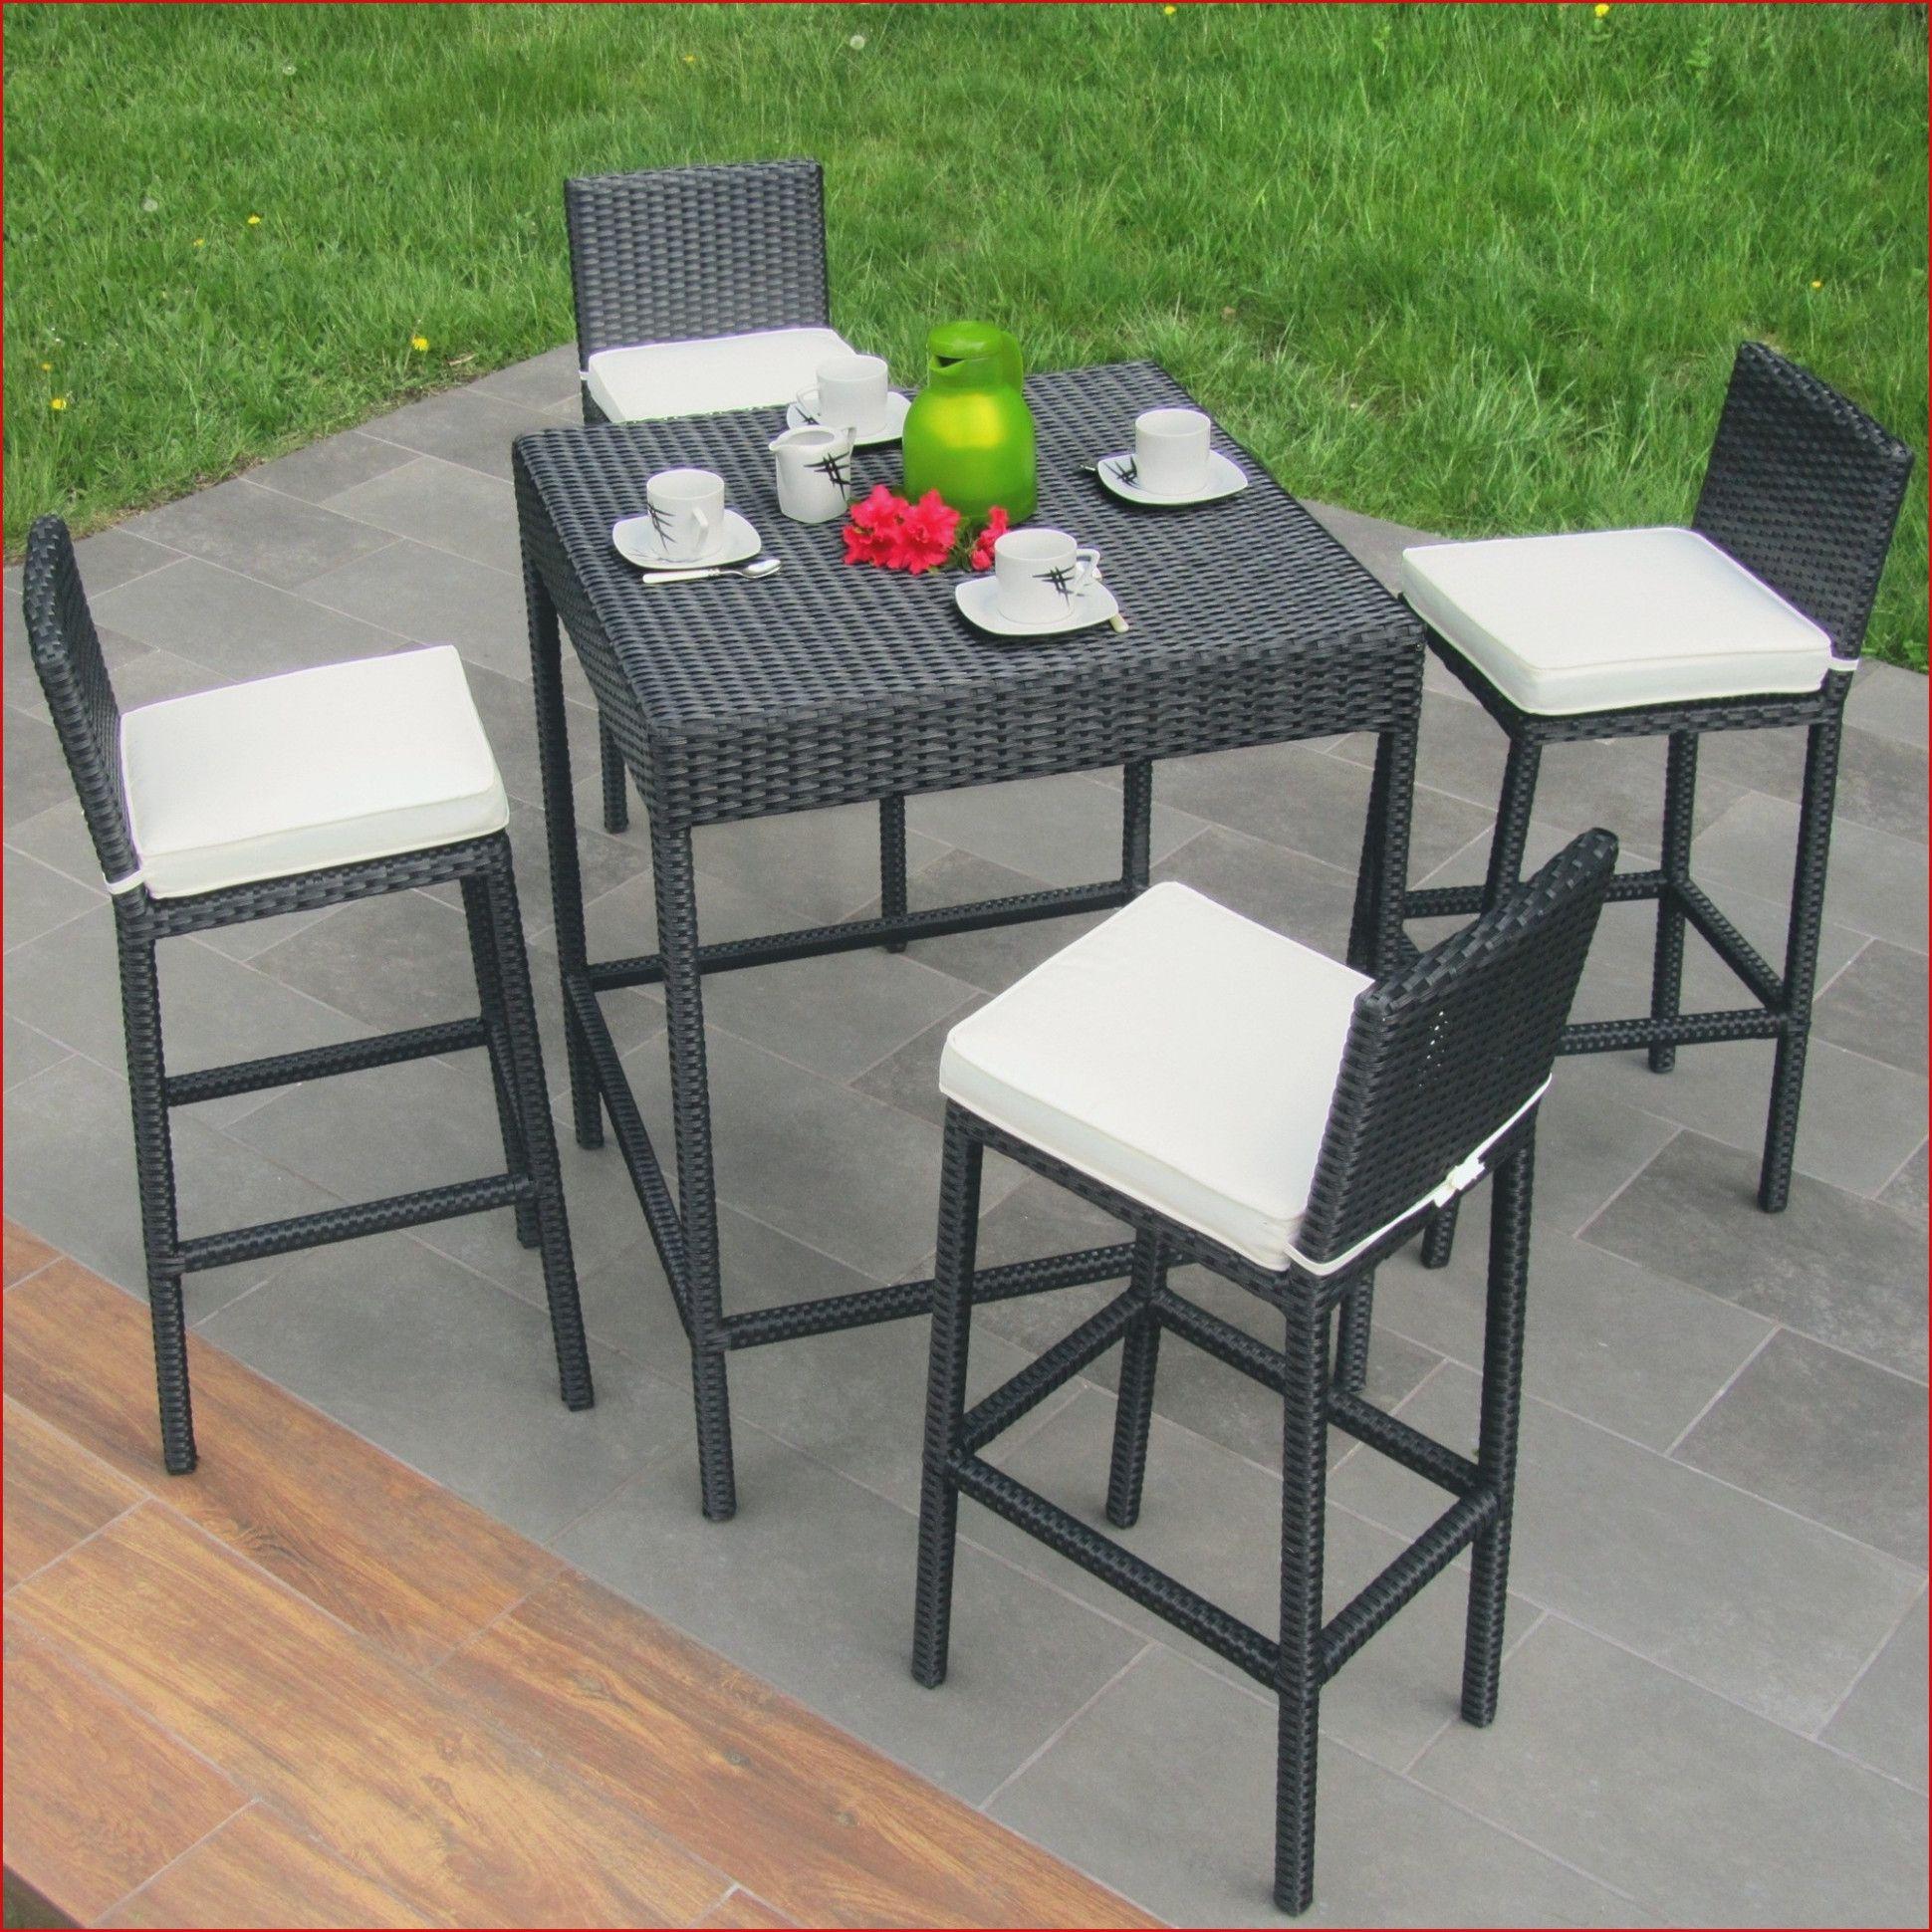 Table De Jardin Ikea In 2020